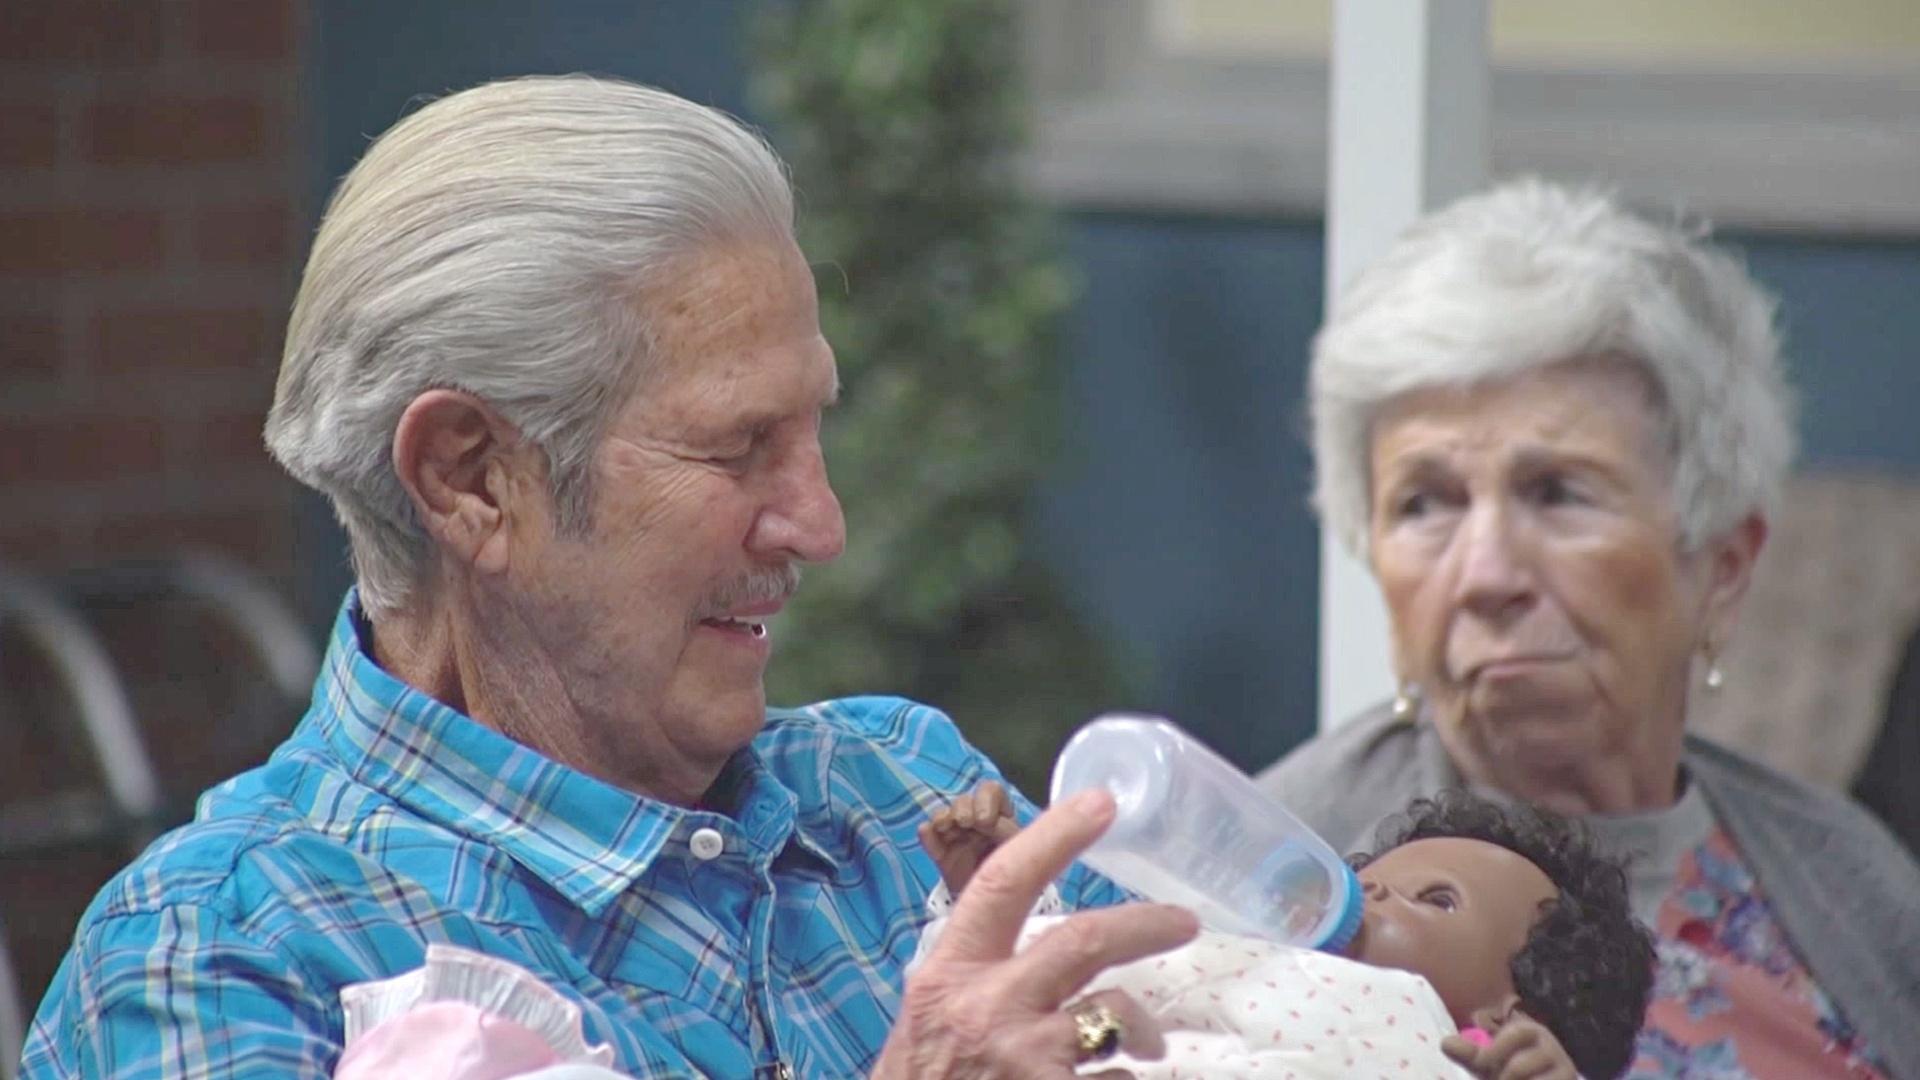 Парк в виде ретрогорода помогает людям с болезнью Альцгеймера